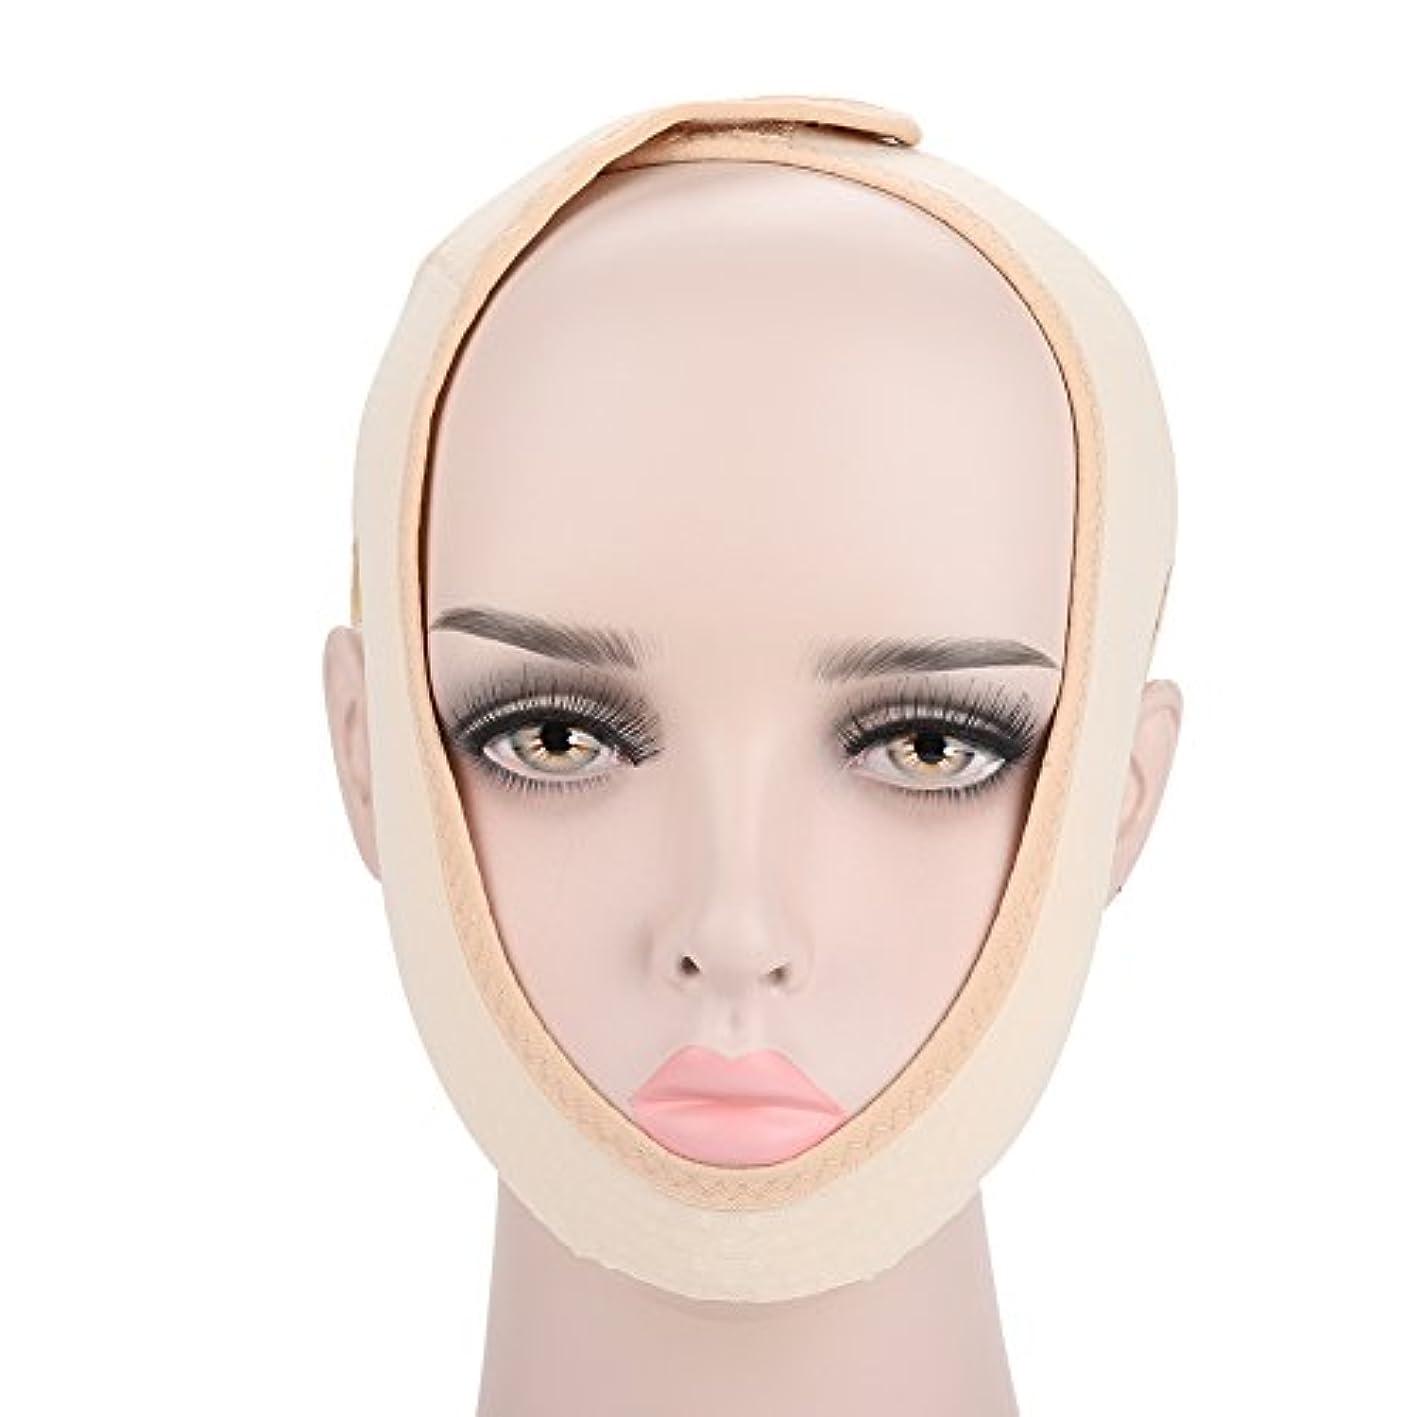 前書き行商宿題顔の輪郭を改善するための顔の痩身マスク、通気性と伸縮性、二重あごを和らげ、顔の手術とリハビリ